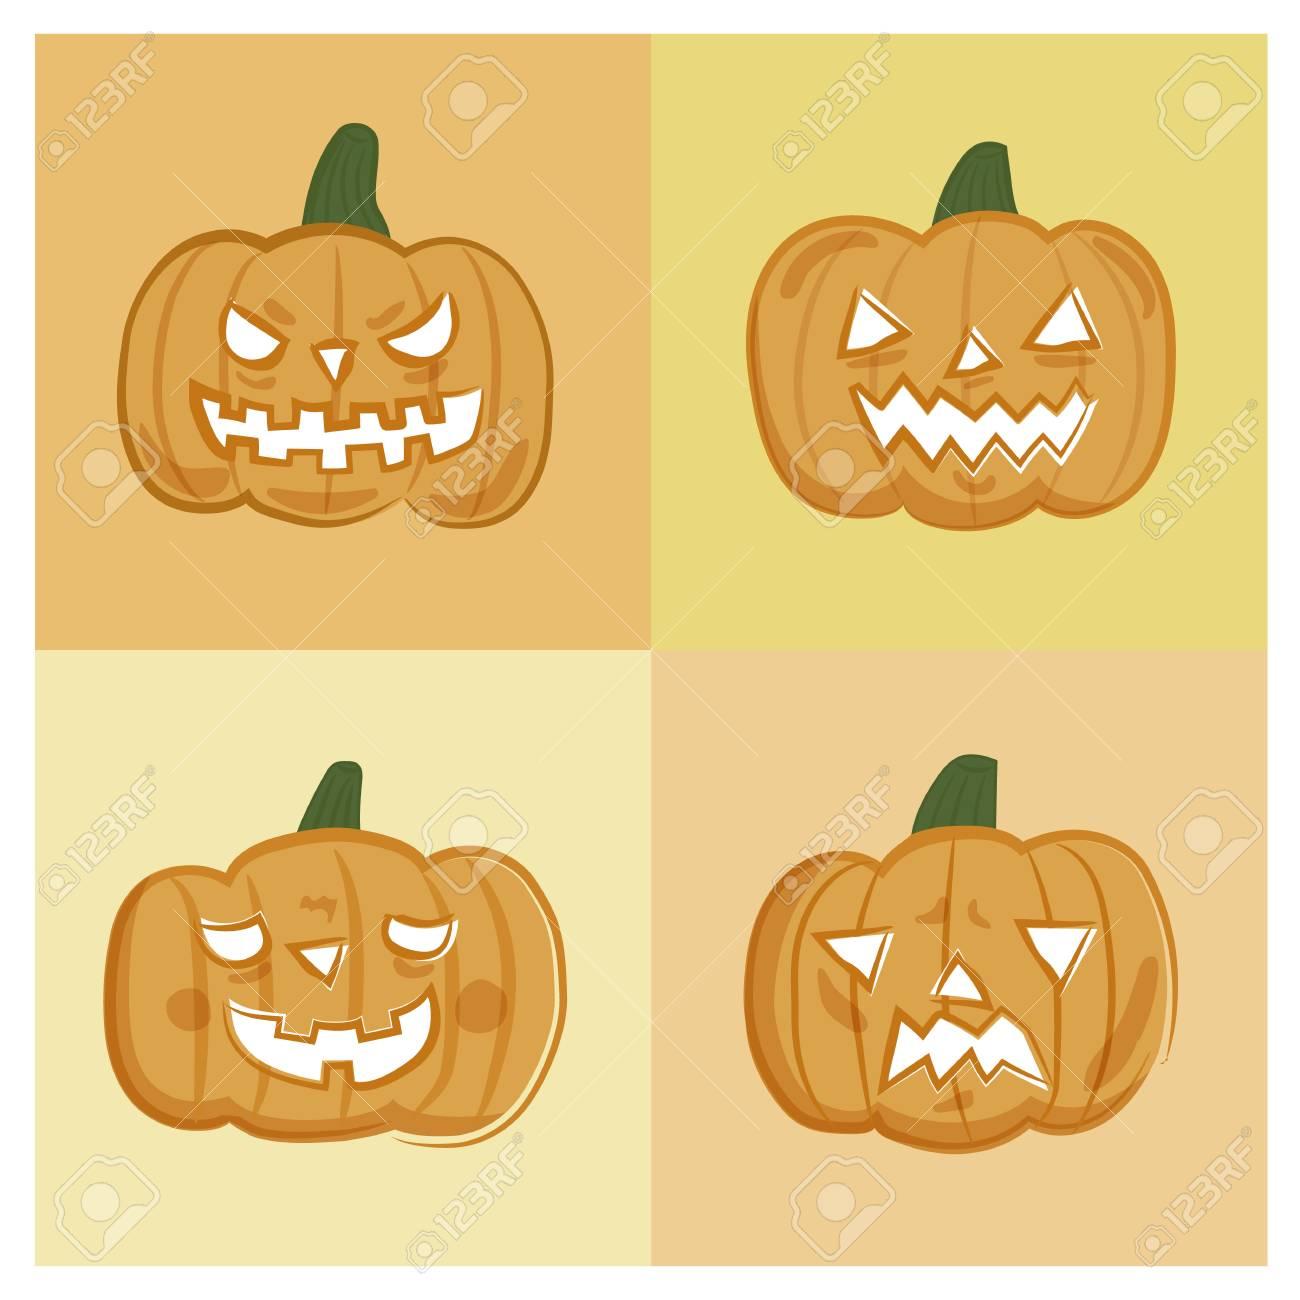 ハロウィンかぼちゃおばけ顔ベクトル アイコンを設定のイラスト素材